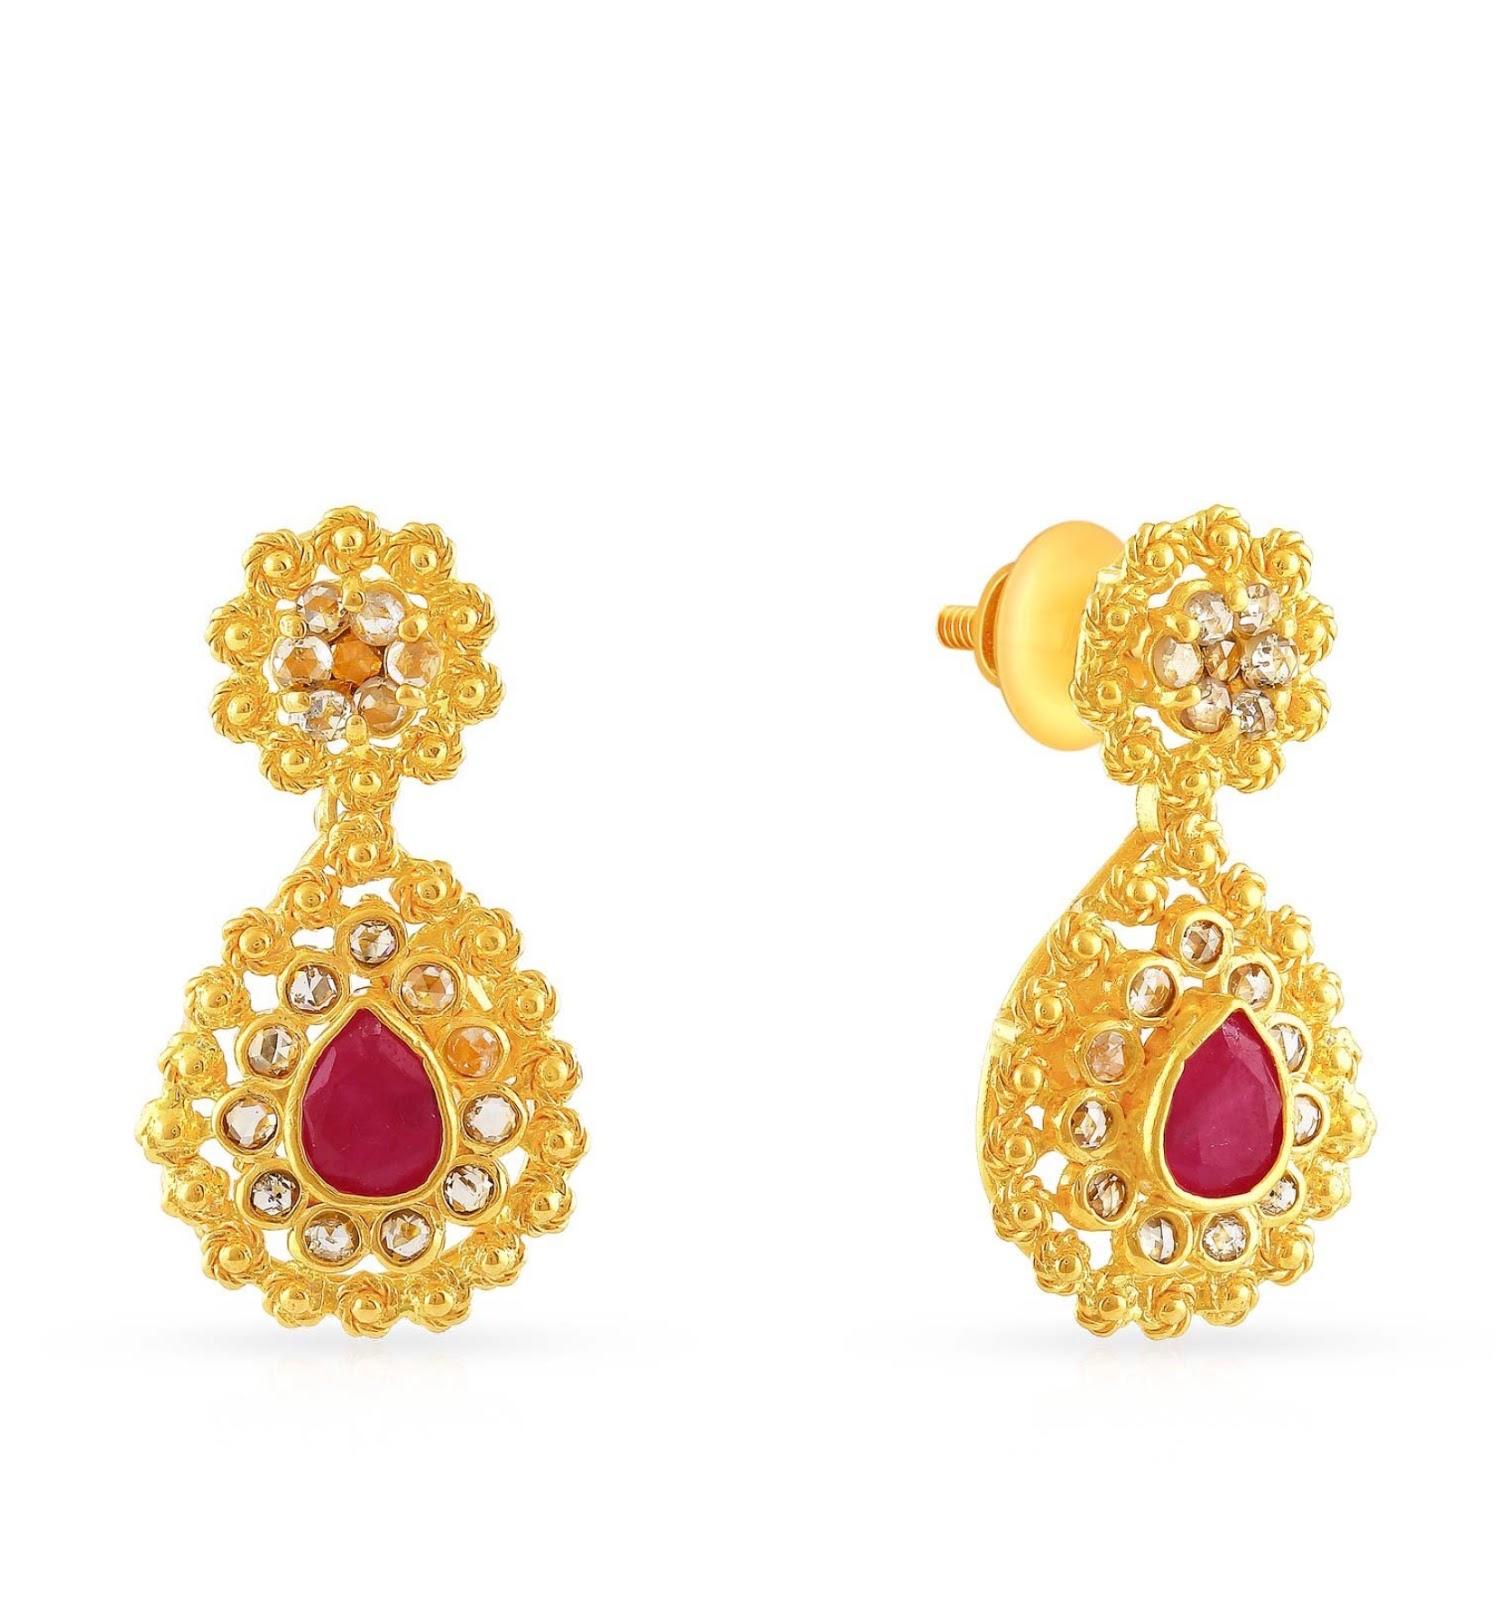 6b609b1b8 Malabar Gold and Diamonds 22KT Yellow Gold Drop Earrings for Women